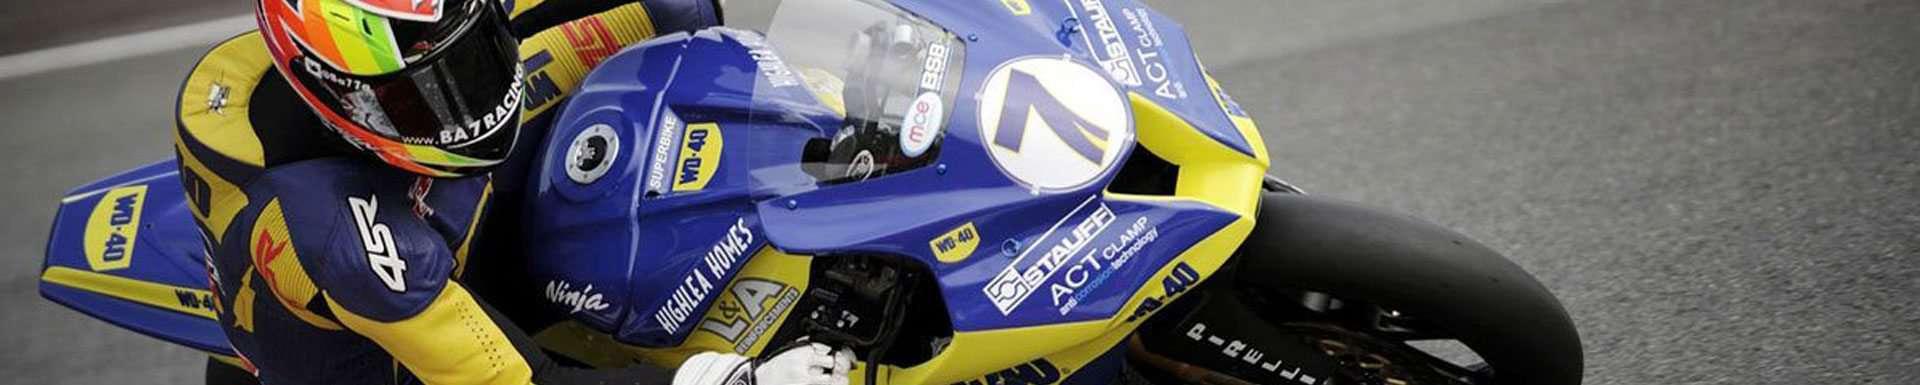 Specalist Motorbike Banner